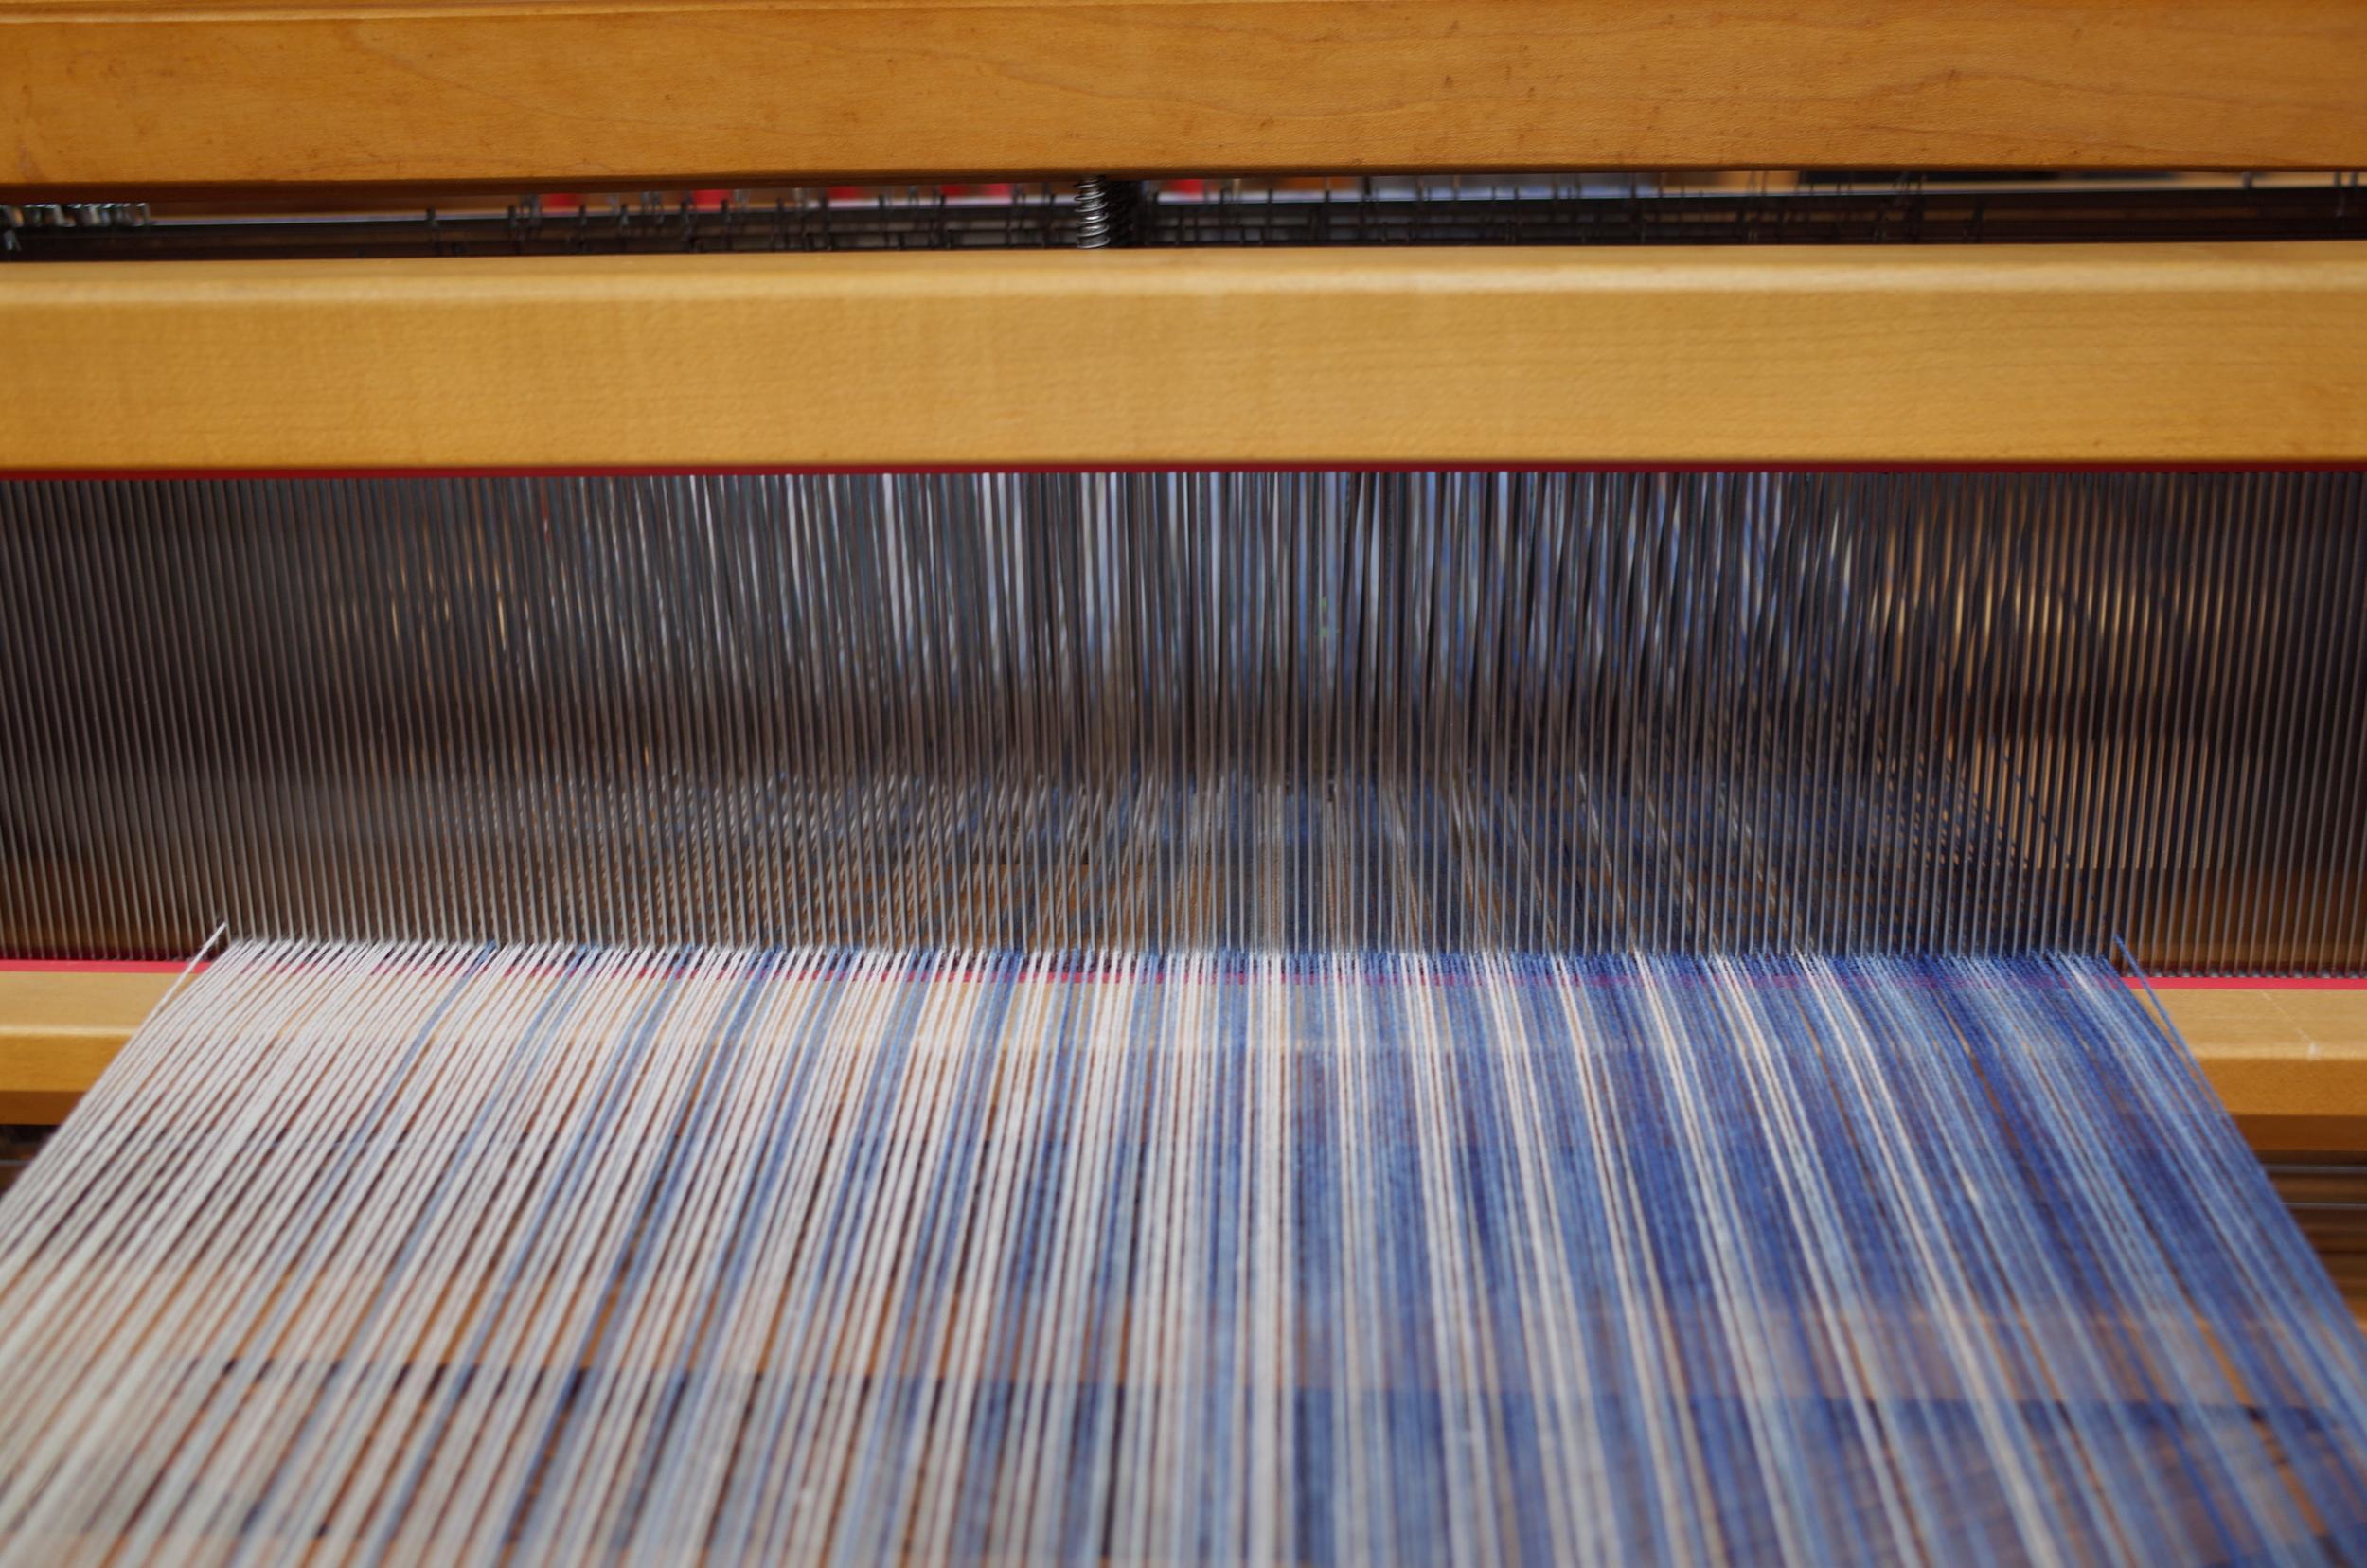 Warp through the reed.